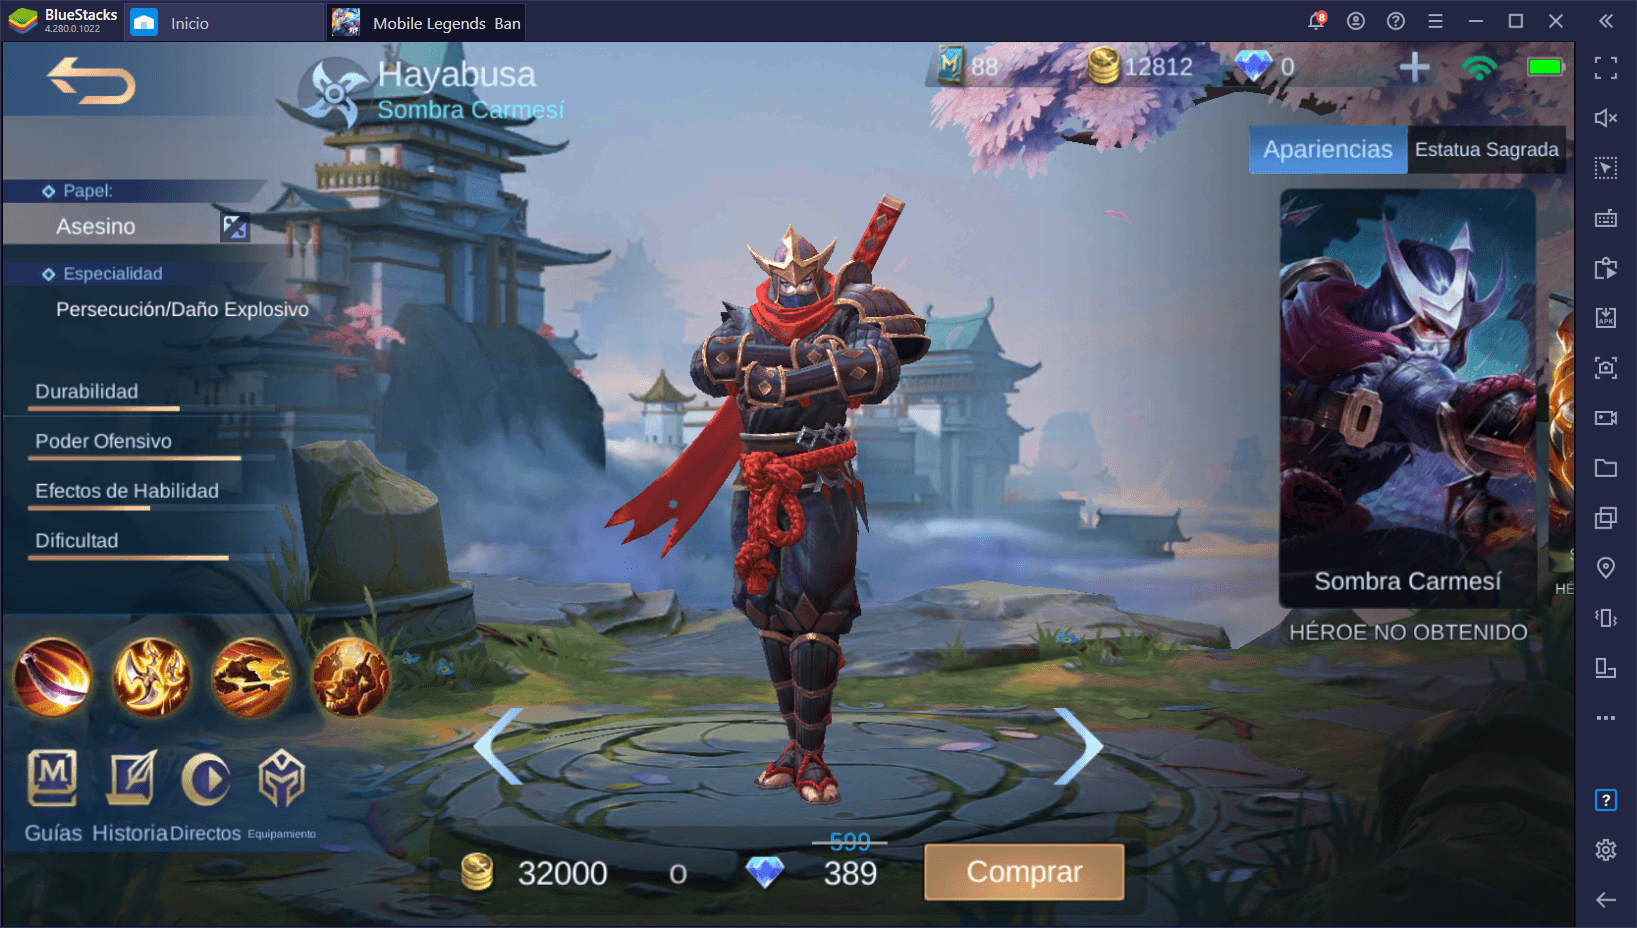 Cómo Dominar en Mid en Mobile Legends: Bang Bang